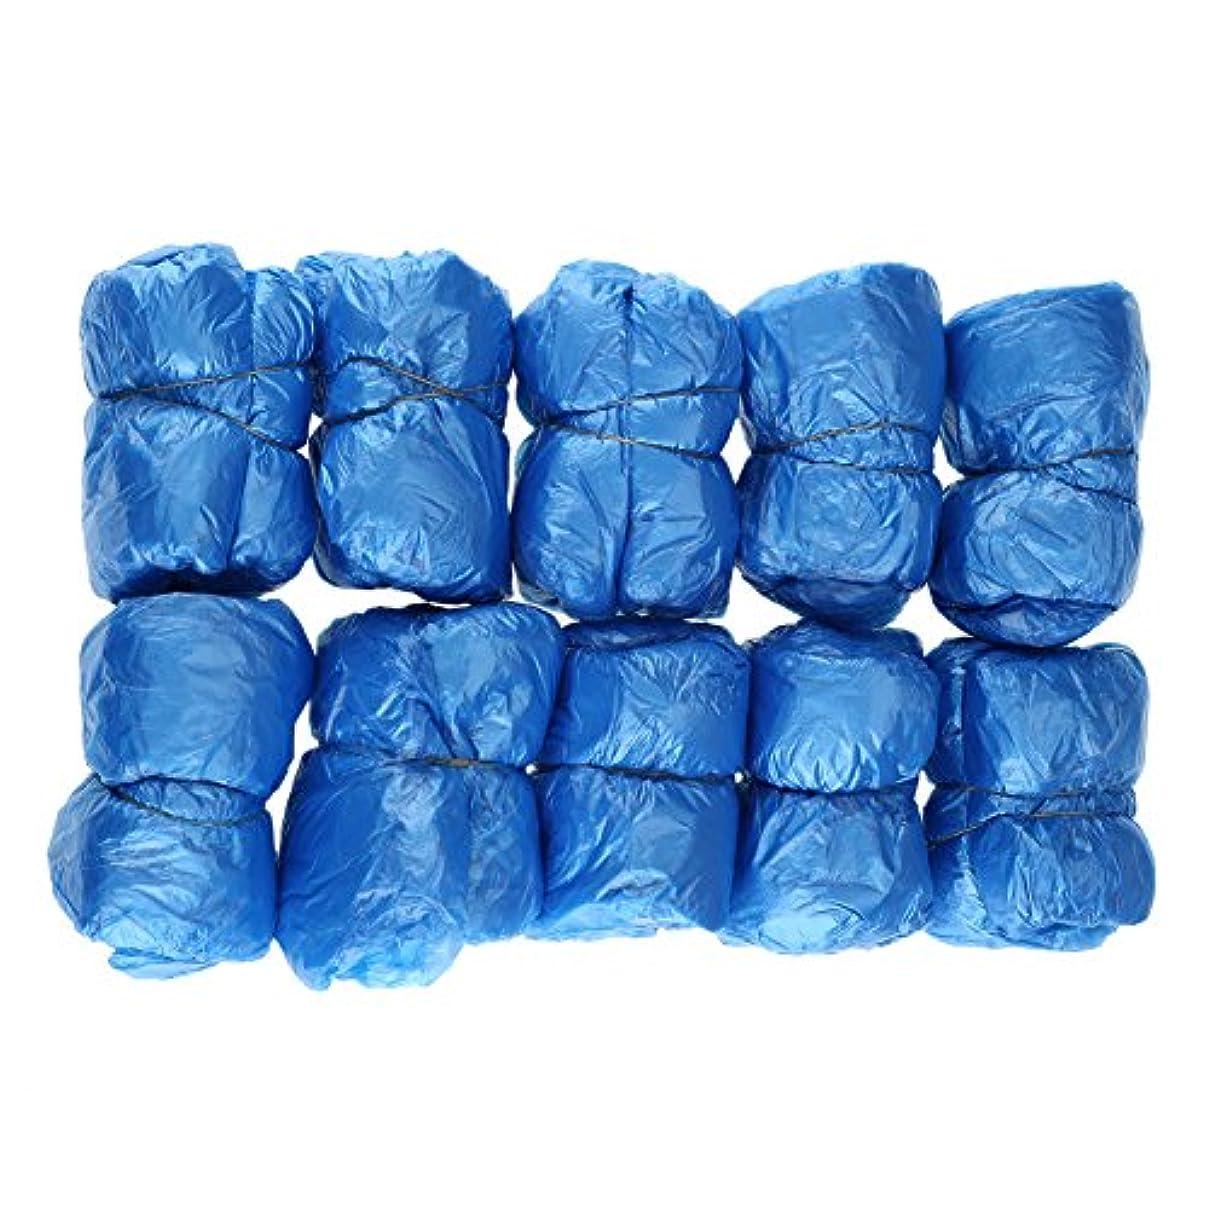 借りる正当化する見落とす100枚入 使い捨て靴カバー シューズカバー 靴カバー サイズフリー簡単 便利 衛生 家庭用品 ブルー